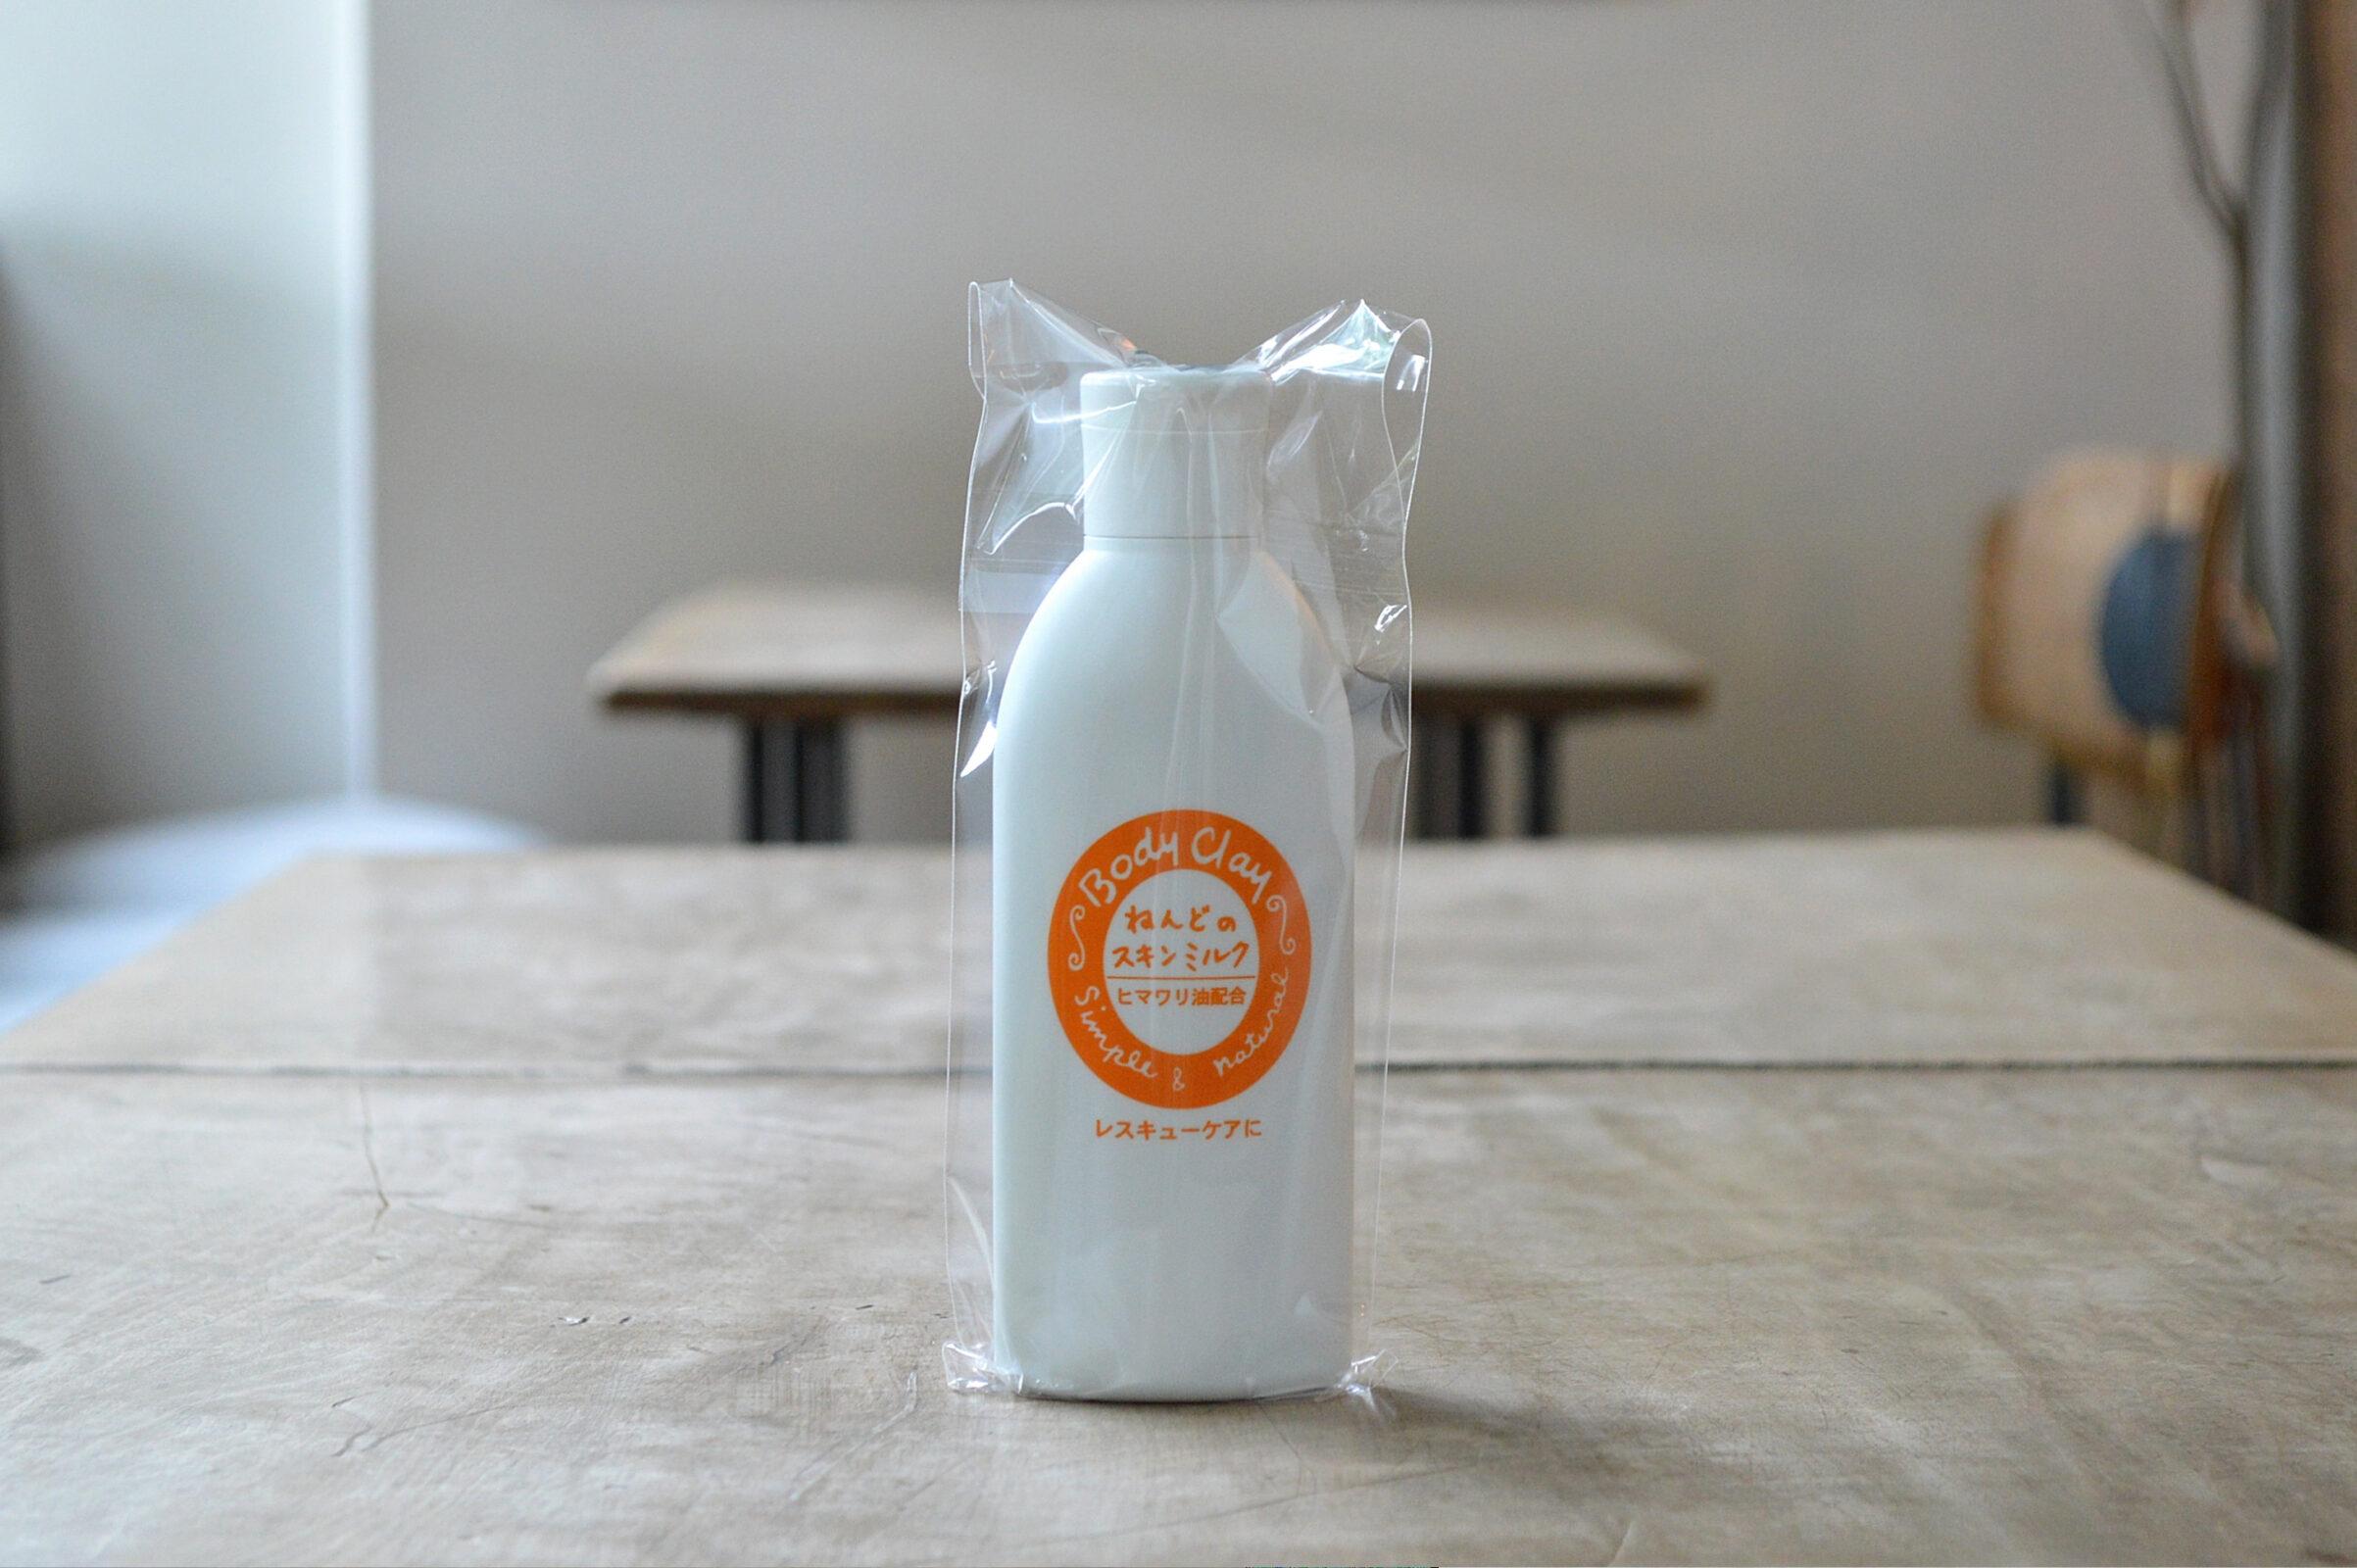 ボディクレイ / ねんどのスキンミルク